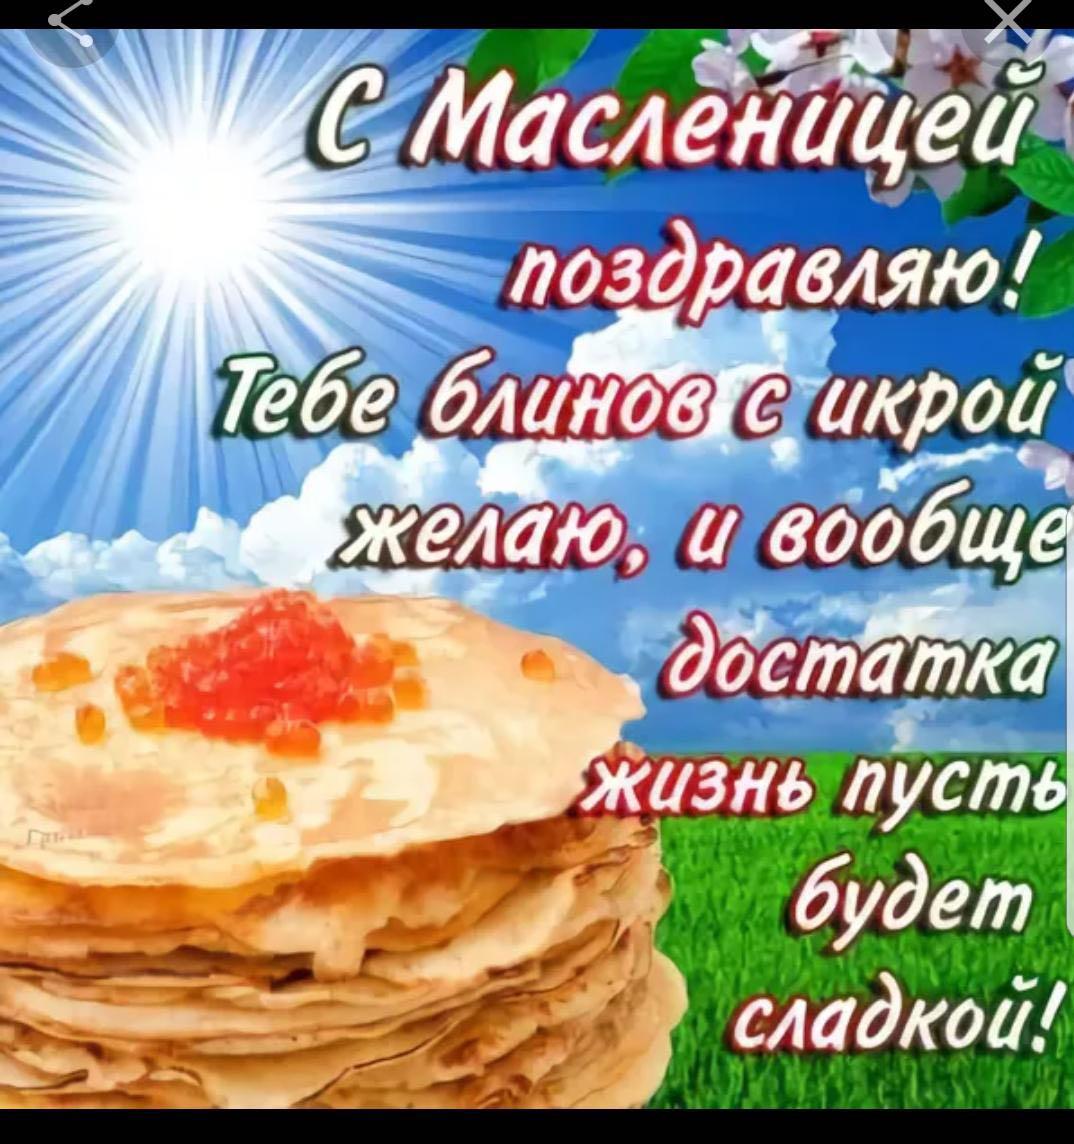 для поздравления поздравления с масленицей картинками сделать греческую прическу